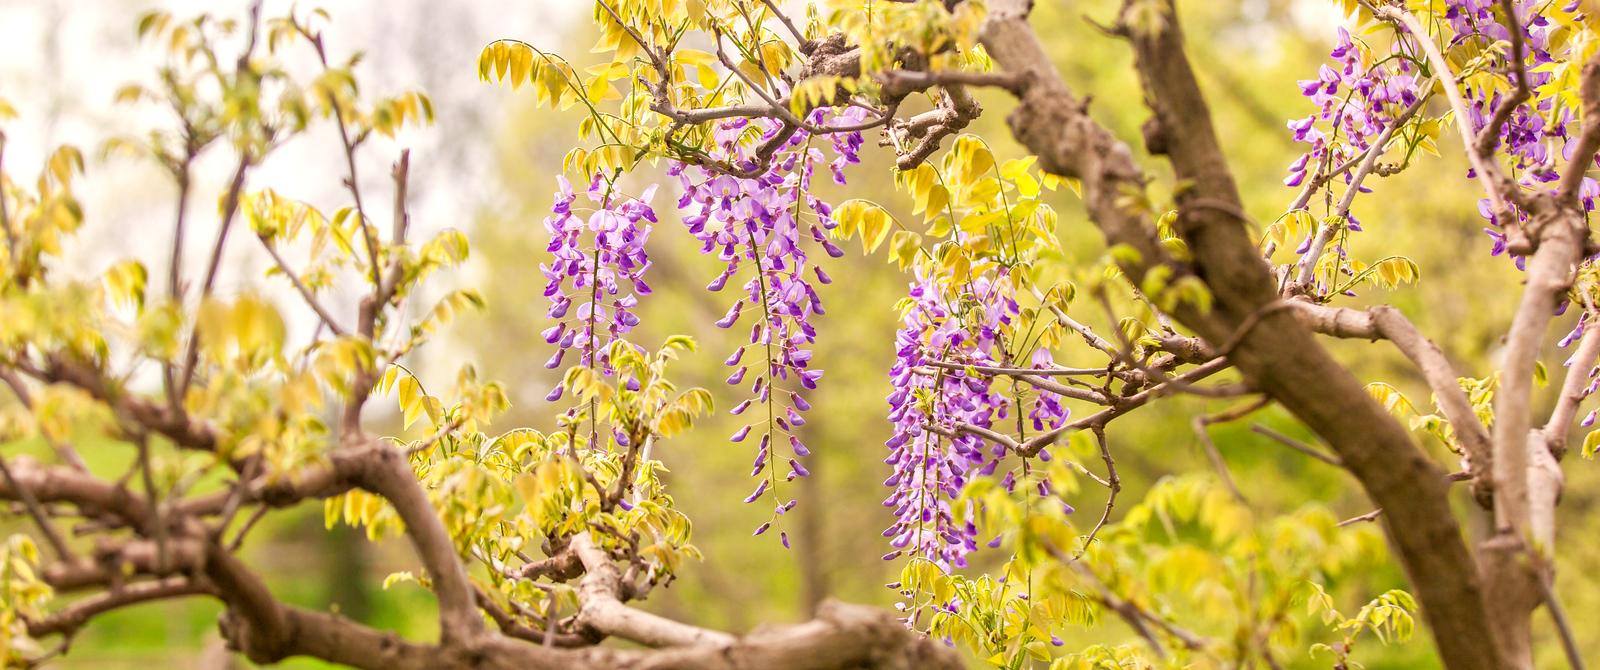 紫藤花,每年等着你